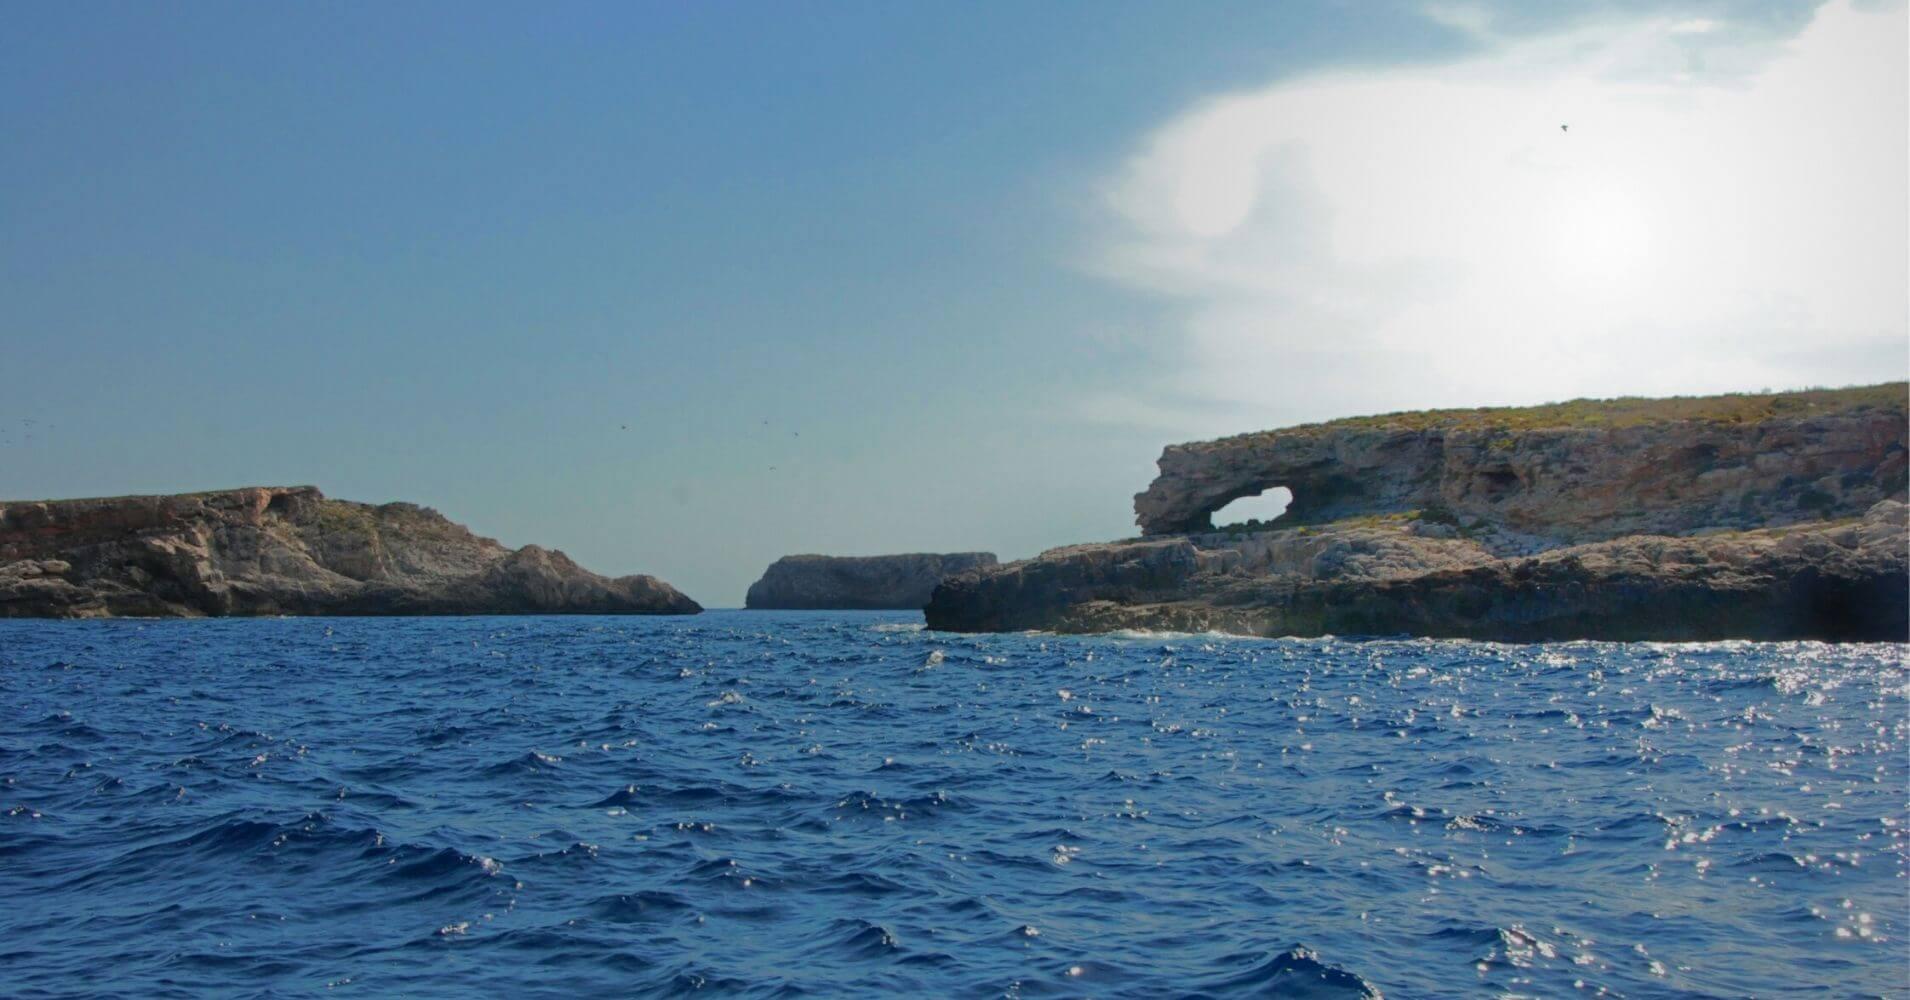 Islotes del Parque Nacional Archipiélago de Cabrera. Islas Baleares.